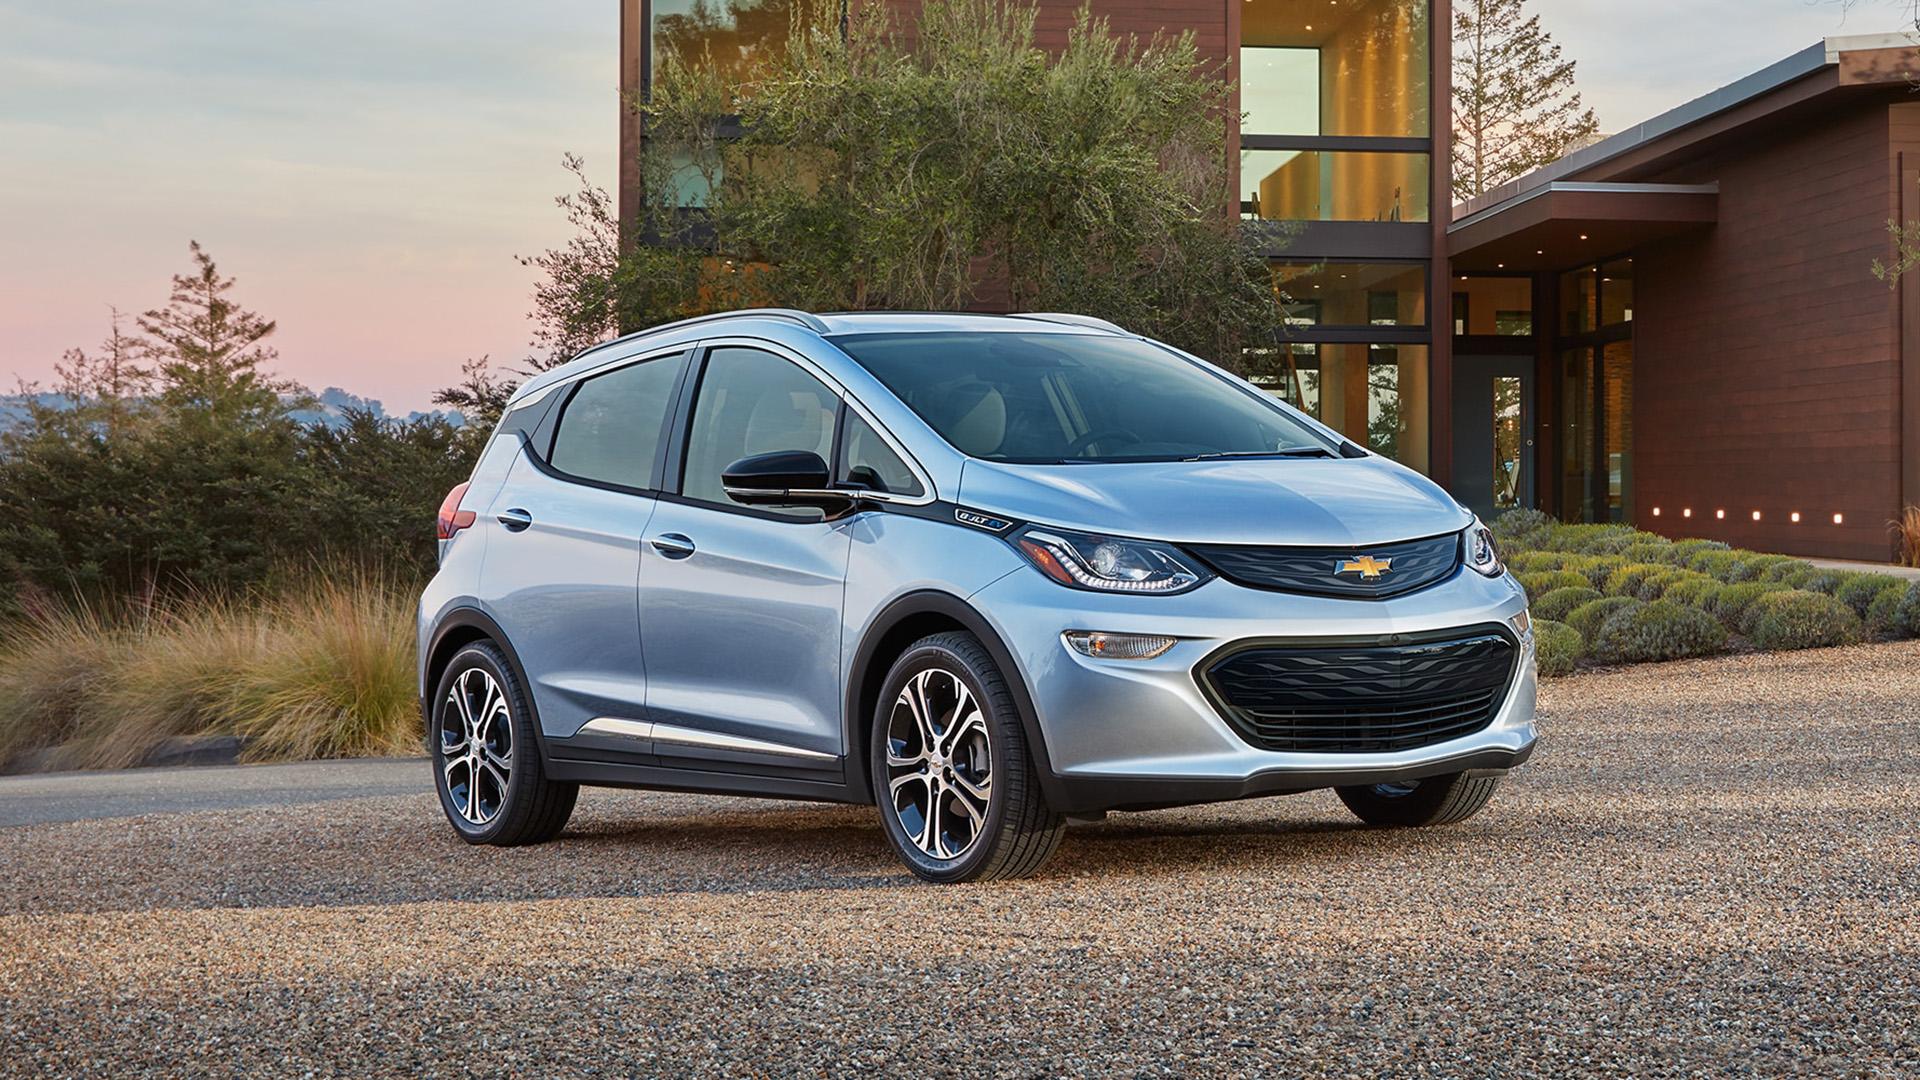 El Chevrolet Bolt-EV es el vehículo con mayor autonomía en el mundo: recorre 383 kilómetros con una sola carga de batería